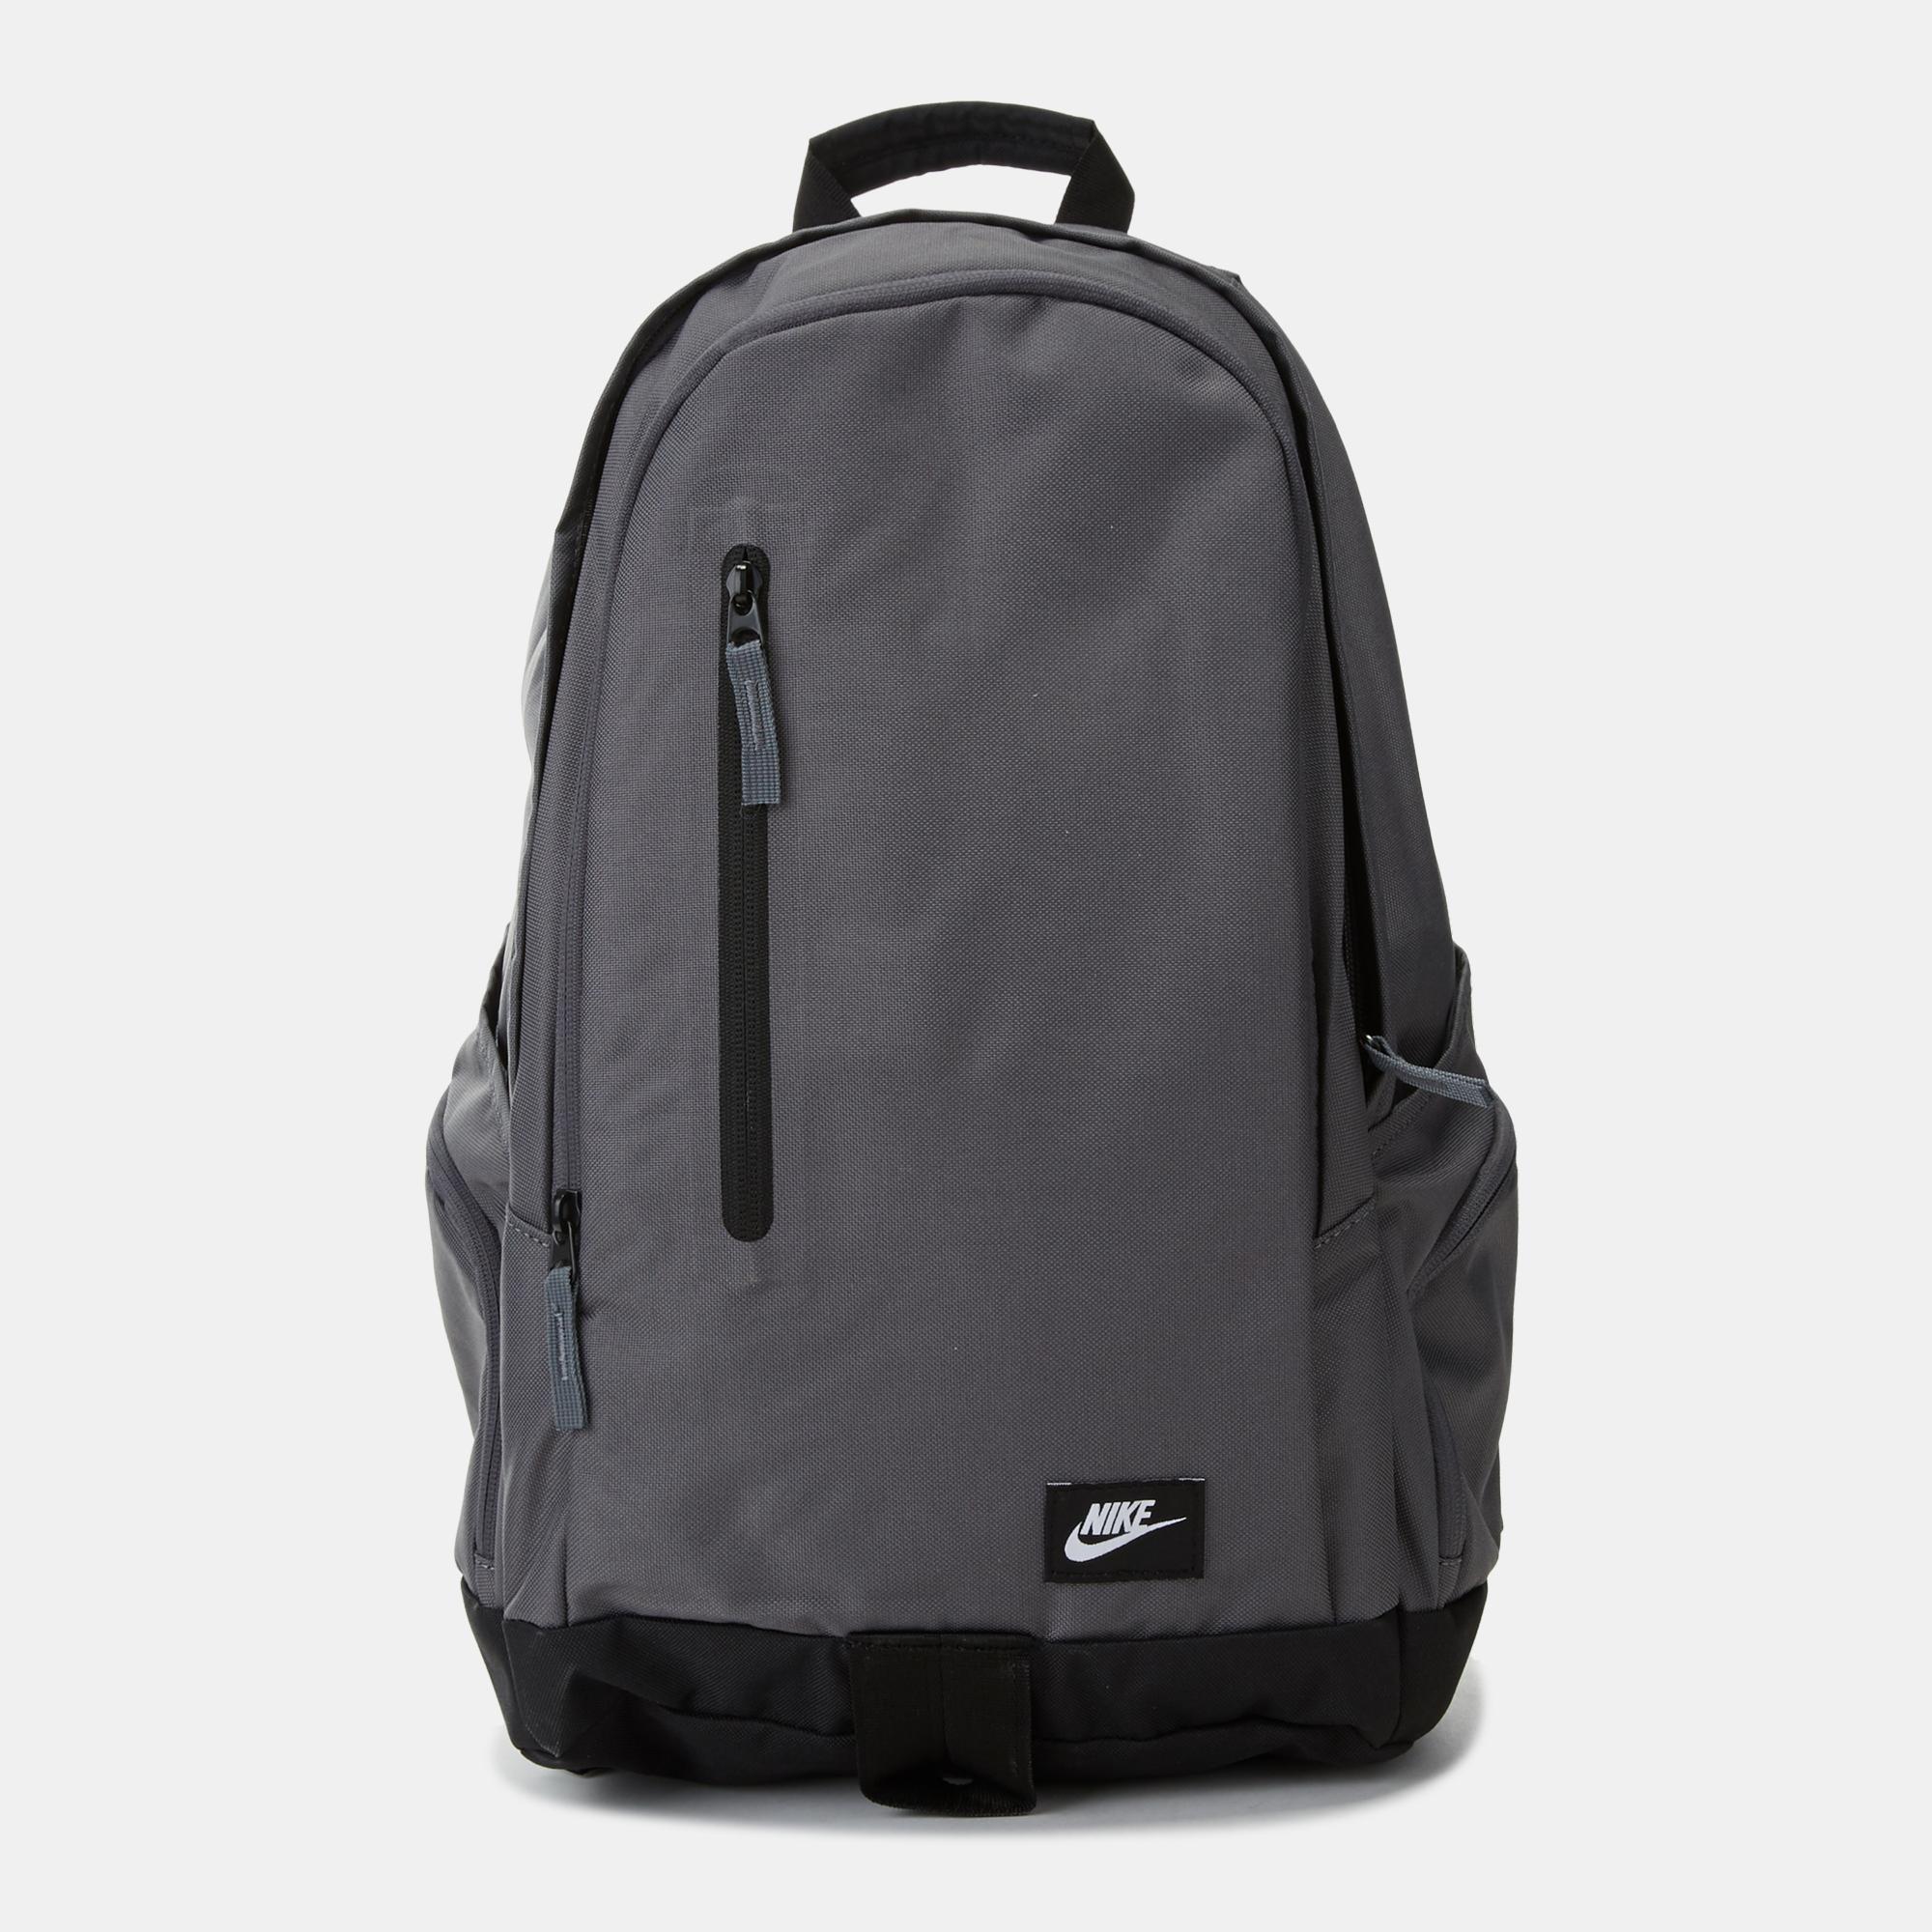 60510306a6 Nike All Access Fullfare Backpack